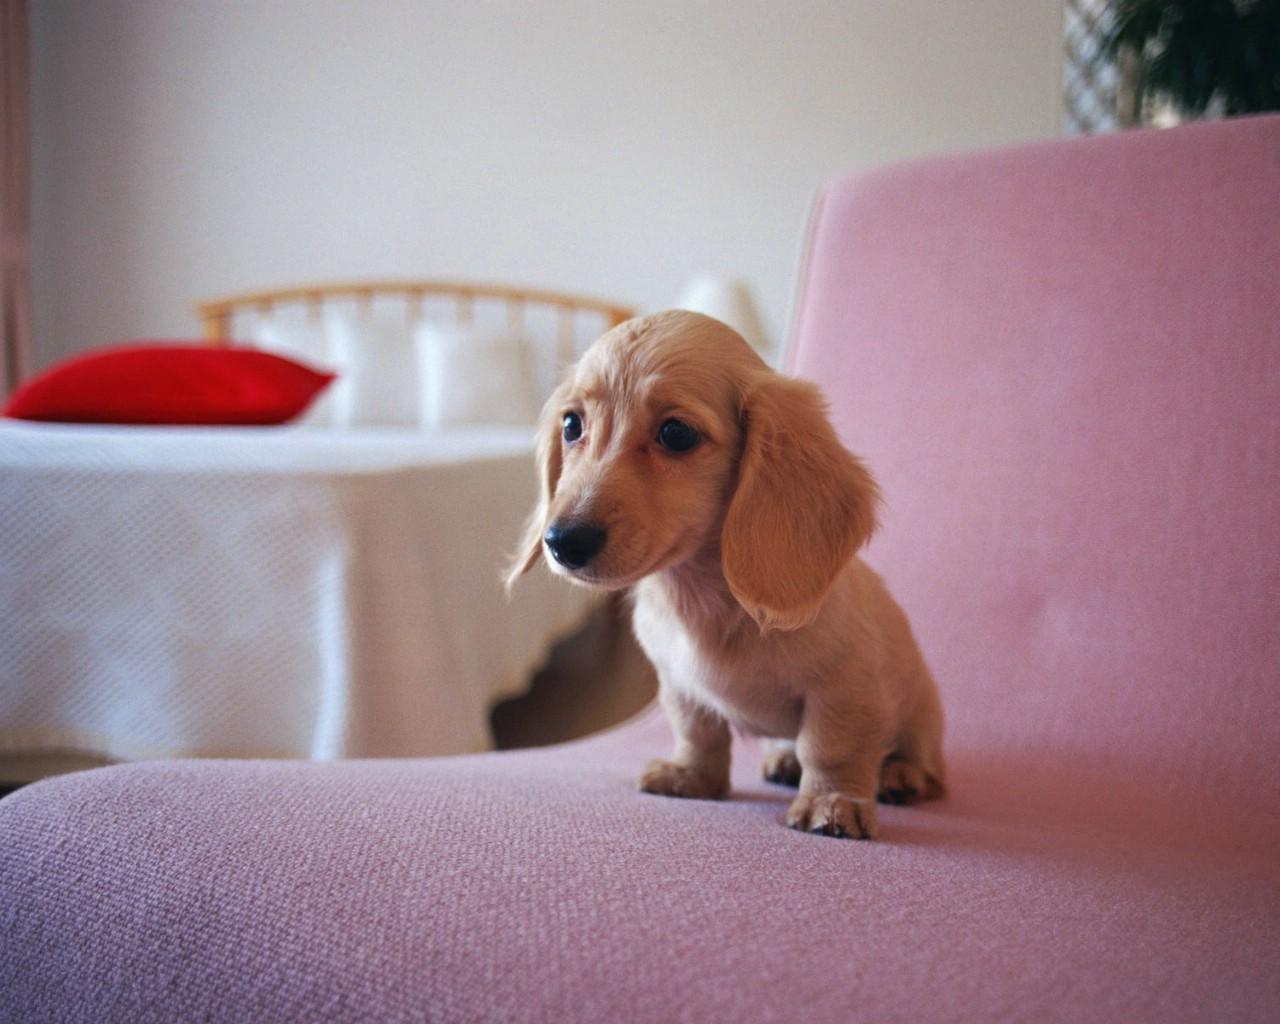 壁纸1280×1024可爱腊肠狗宝宝壁纸壁纸 宠物狗狗图鉴迷你腊肠犬壁纸